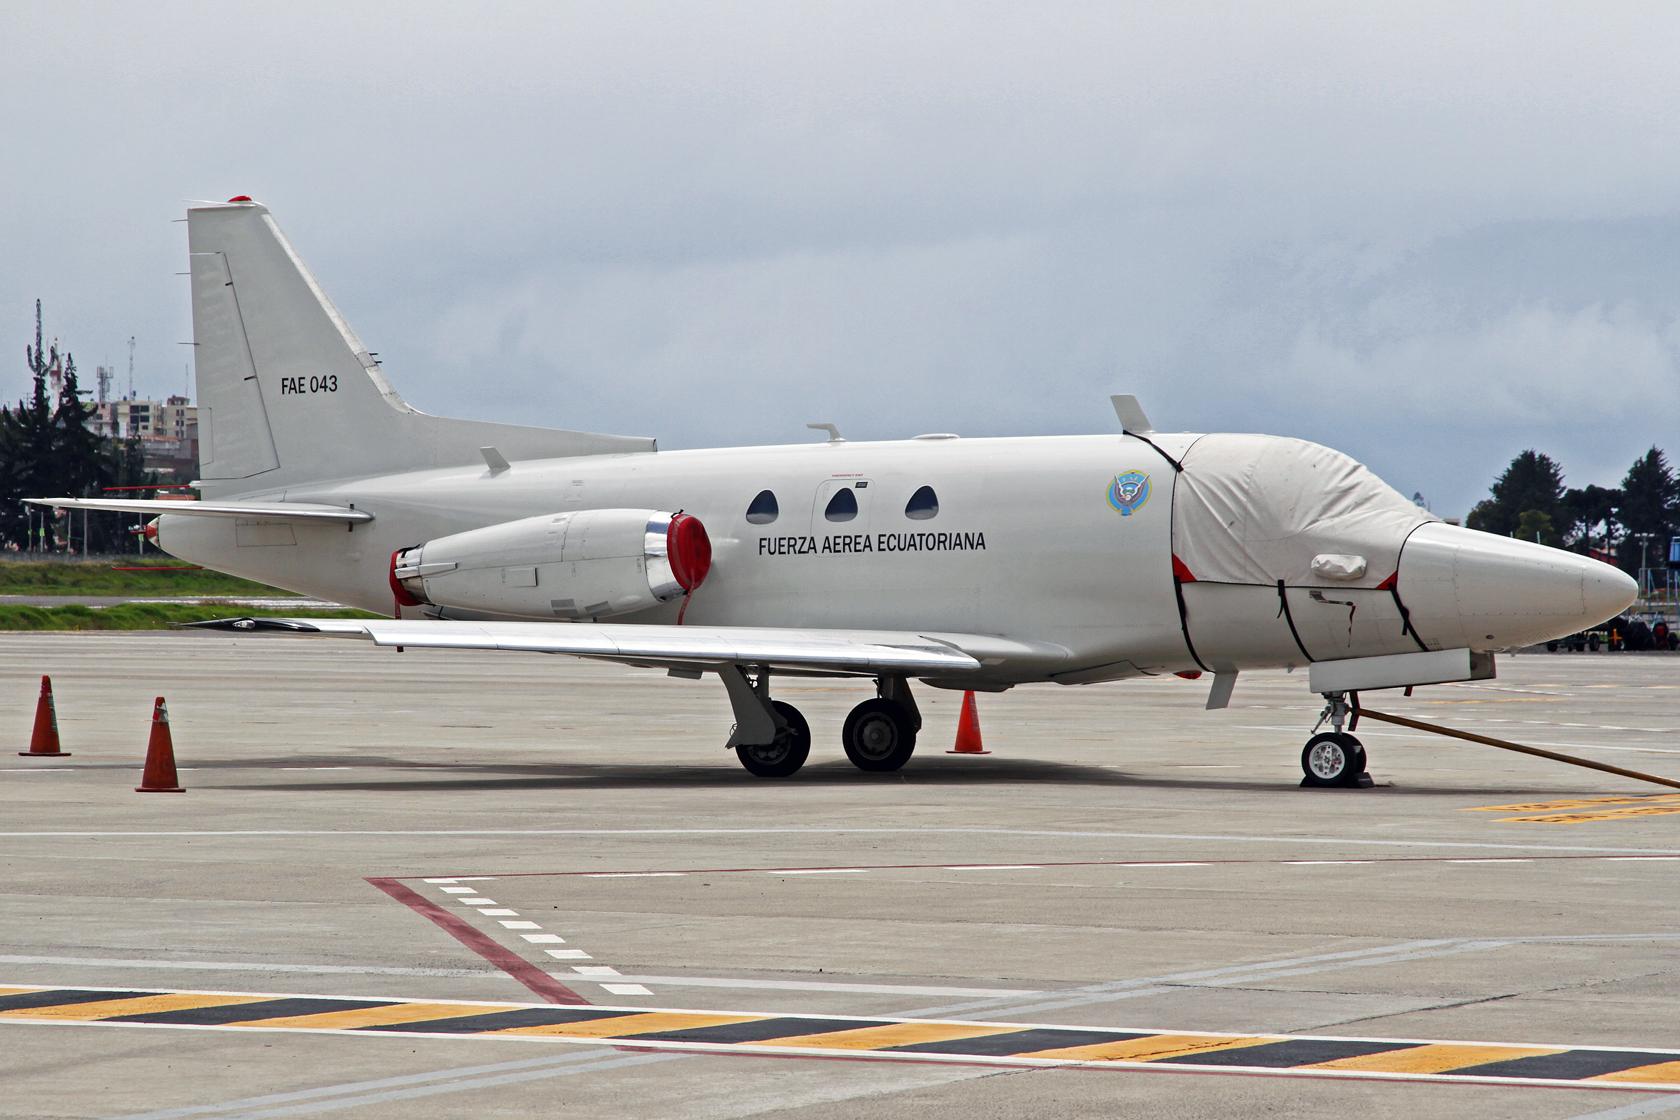 Fuerza Aérea Ecuatoriana North American NA-282 Sabreliner 40AR FAE-043 - Der letzte noch fliegende Sabreliner in der ecuadorianischen Luftwaffe.